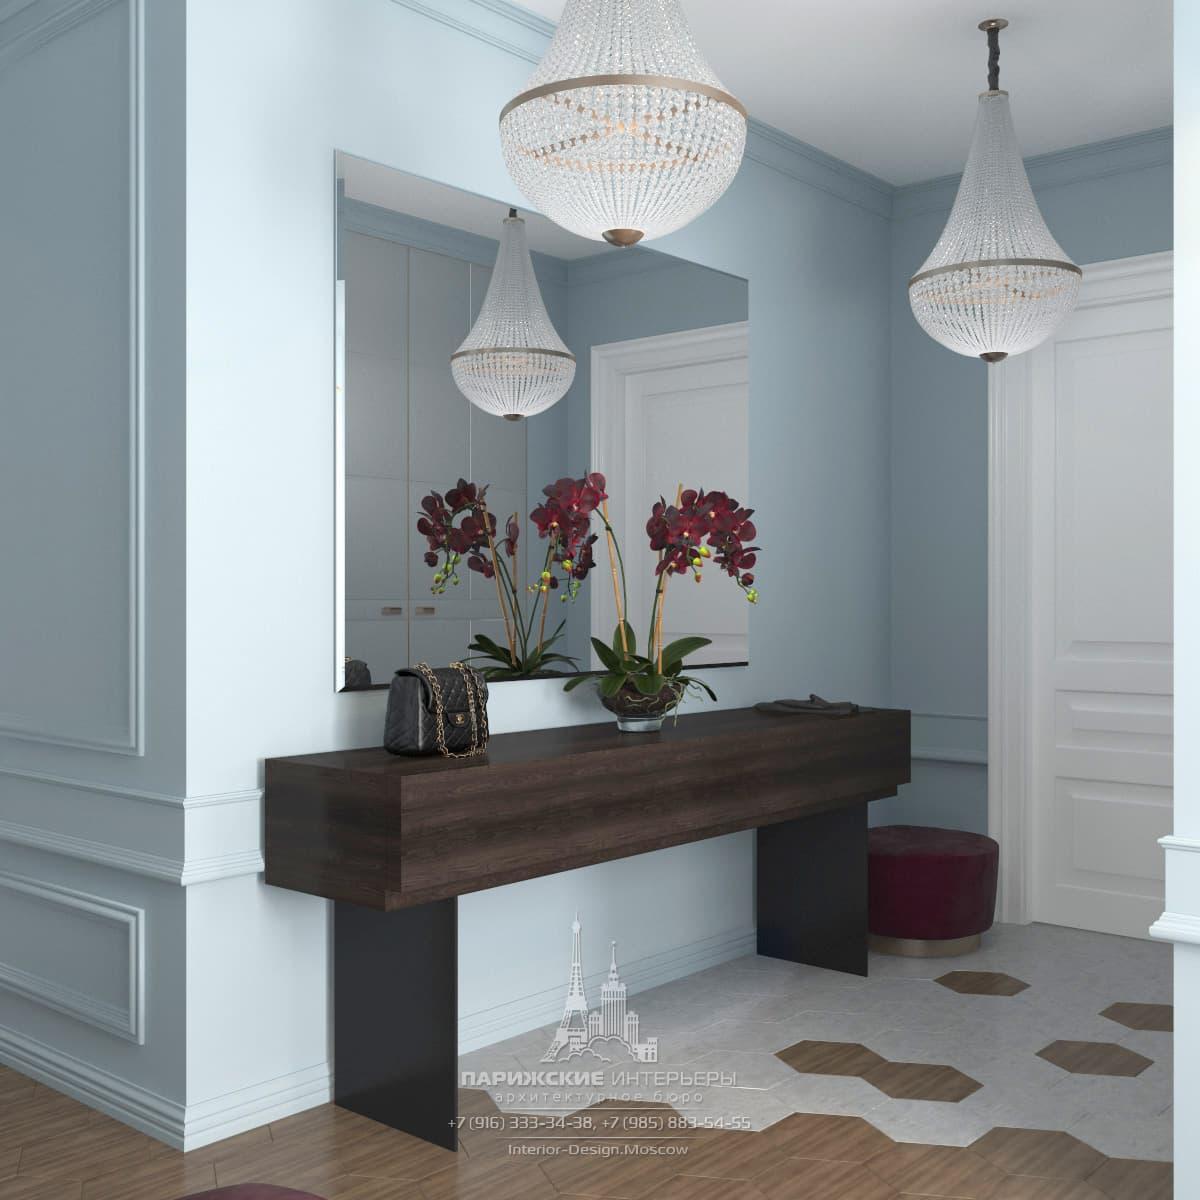 Дизайн проект маленькой квартиры в стиле модерн в г: Дизайн прихожей в парижском стиле в ЖК «Донской Олимп